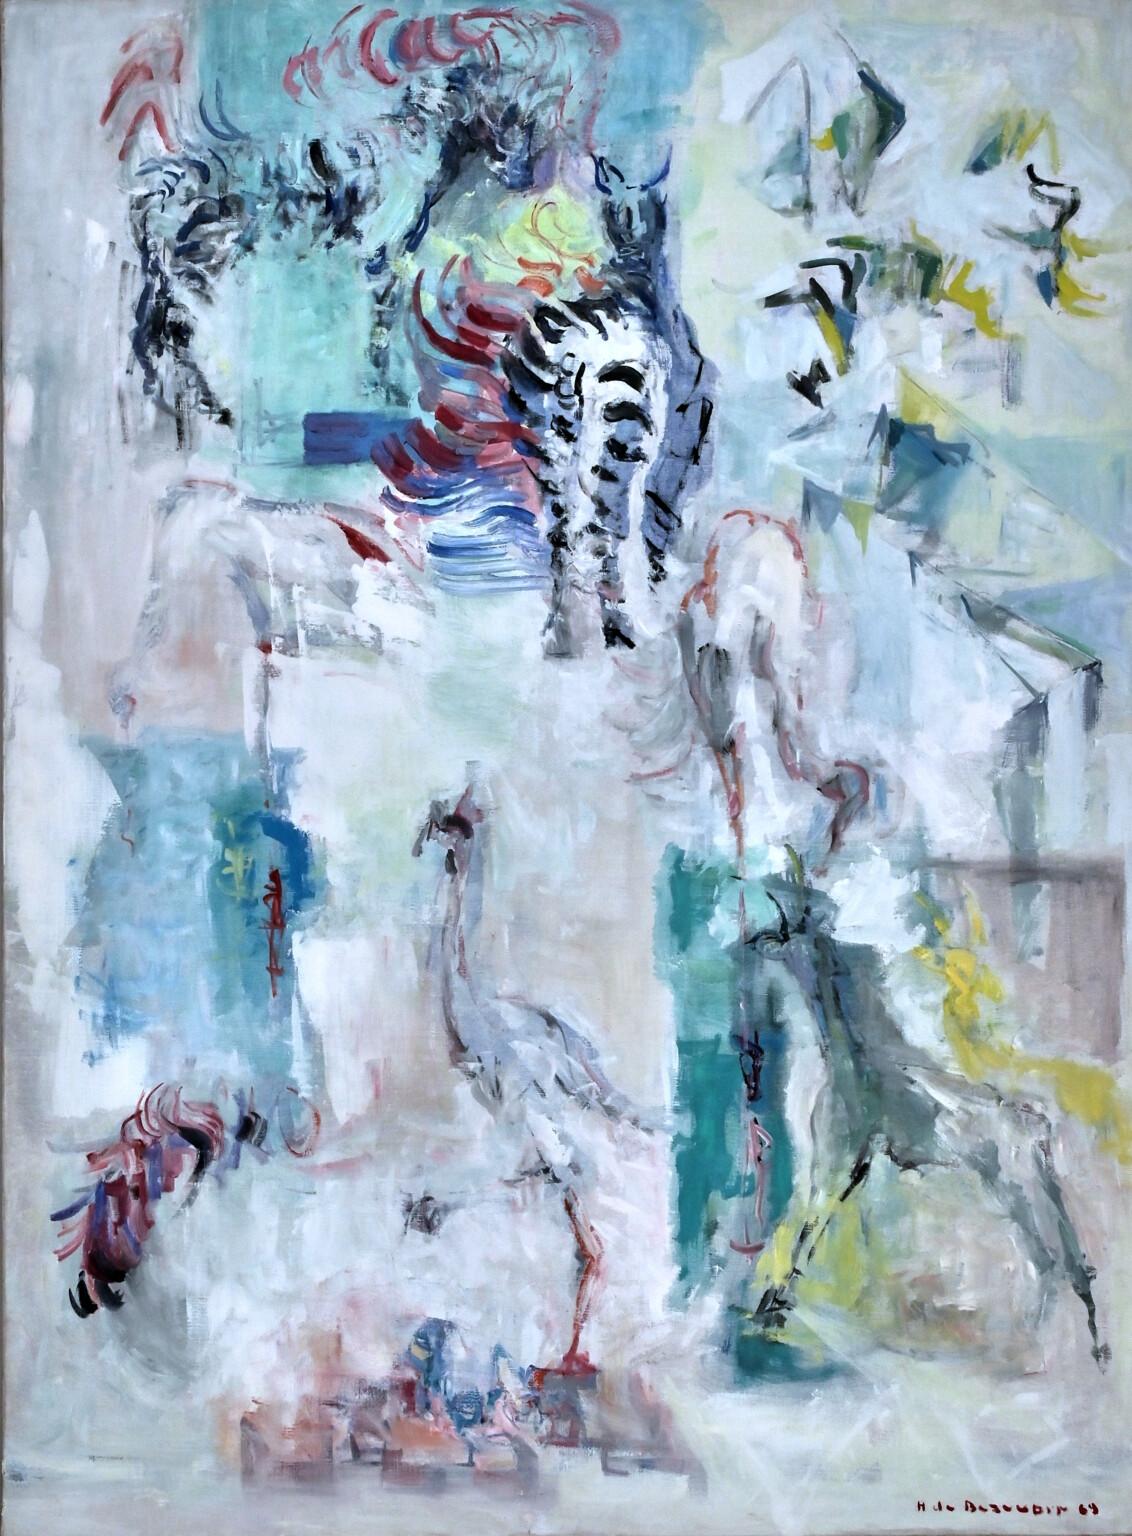 Bild des Werkes mit dem Titel: Le rêve blanc (Der weiße Traum)